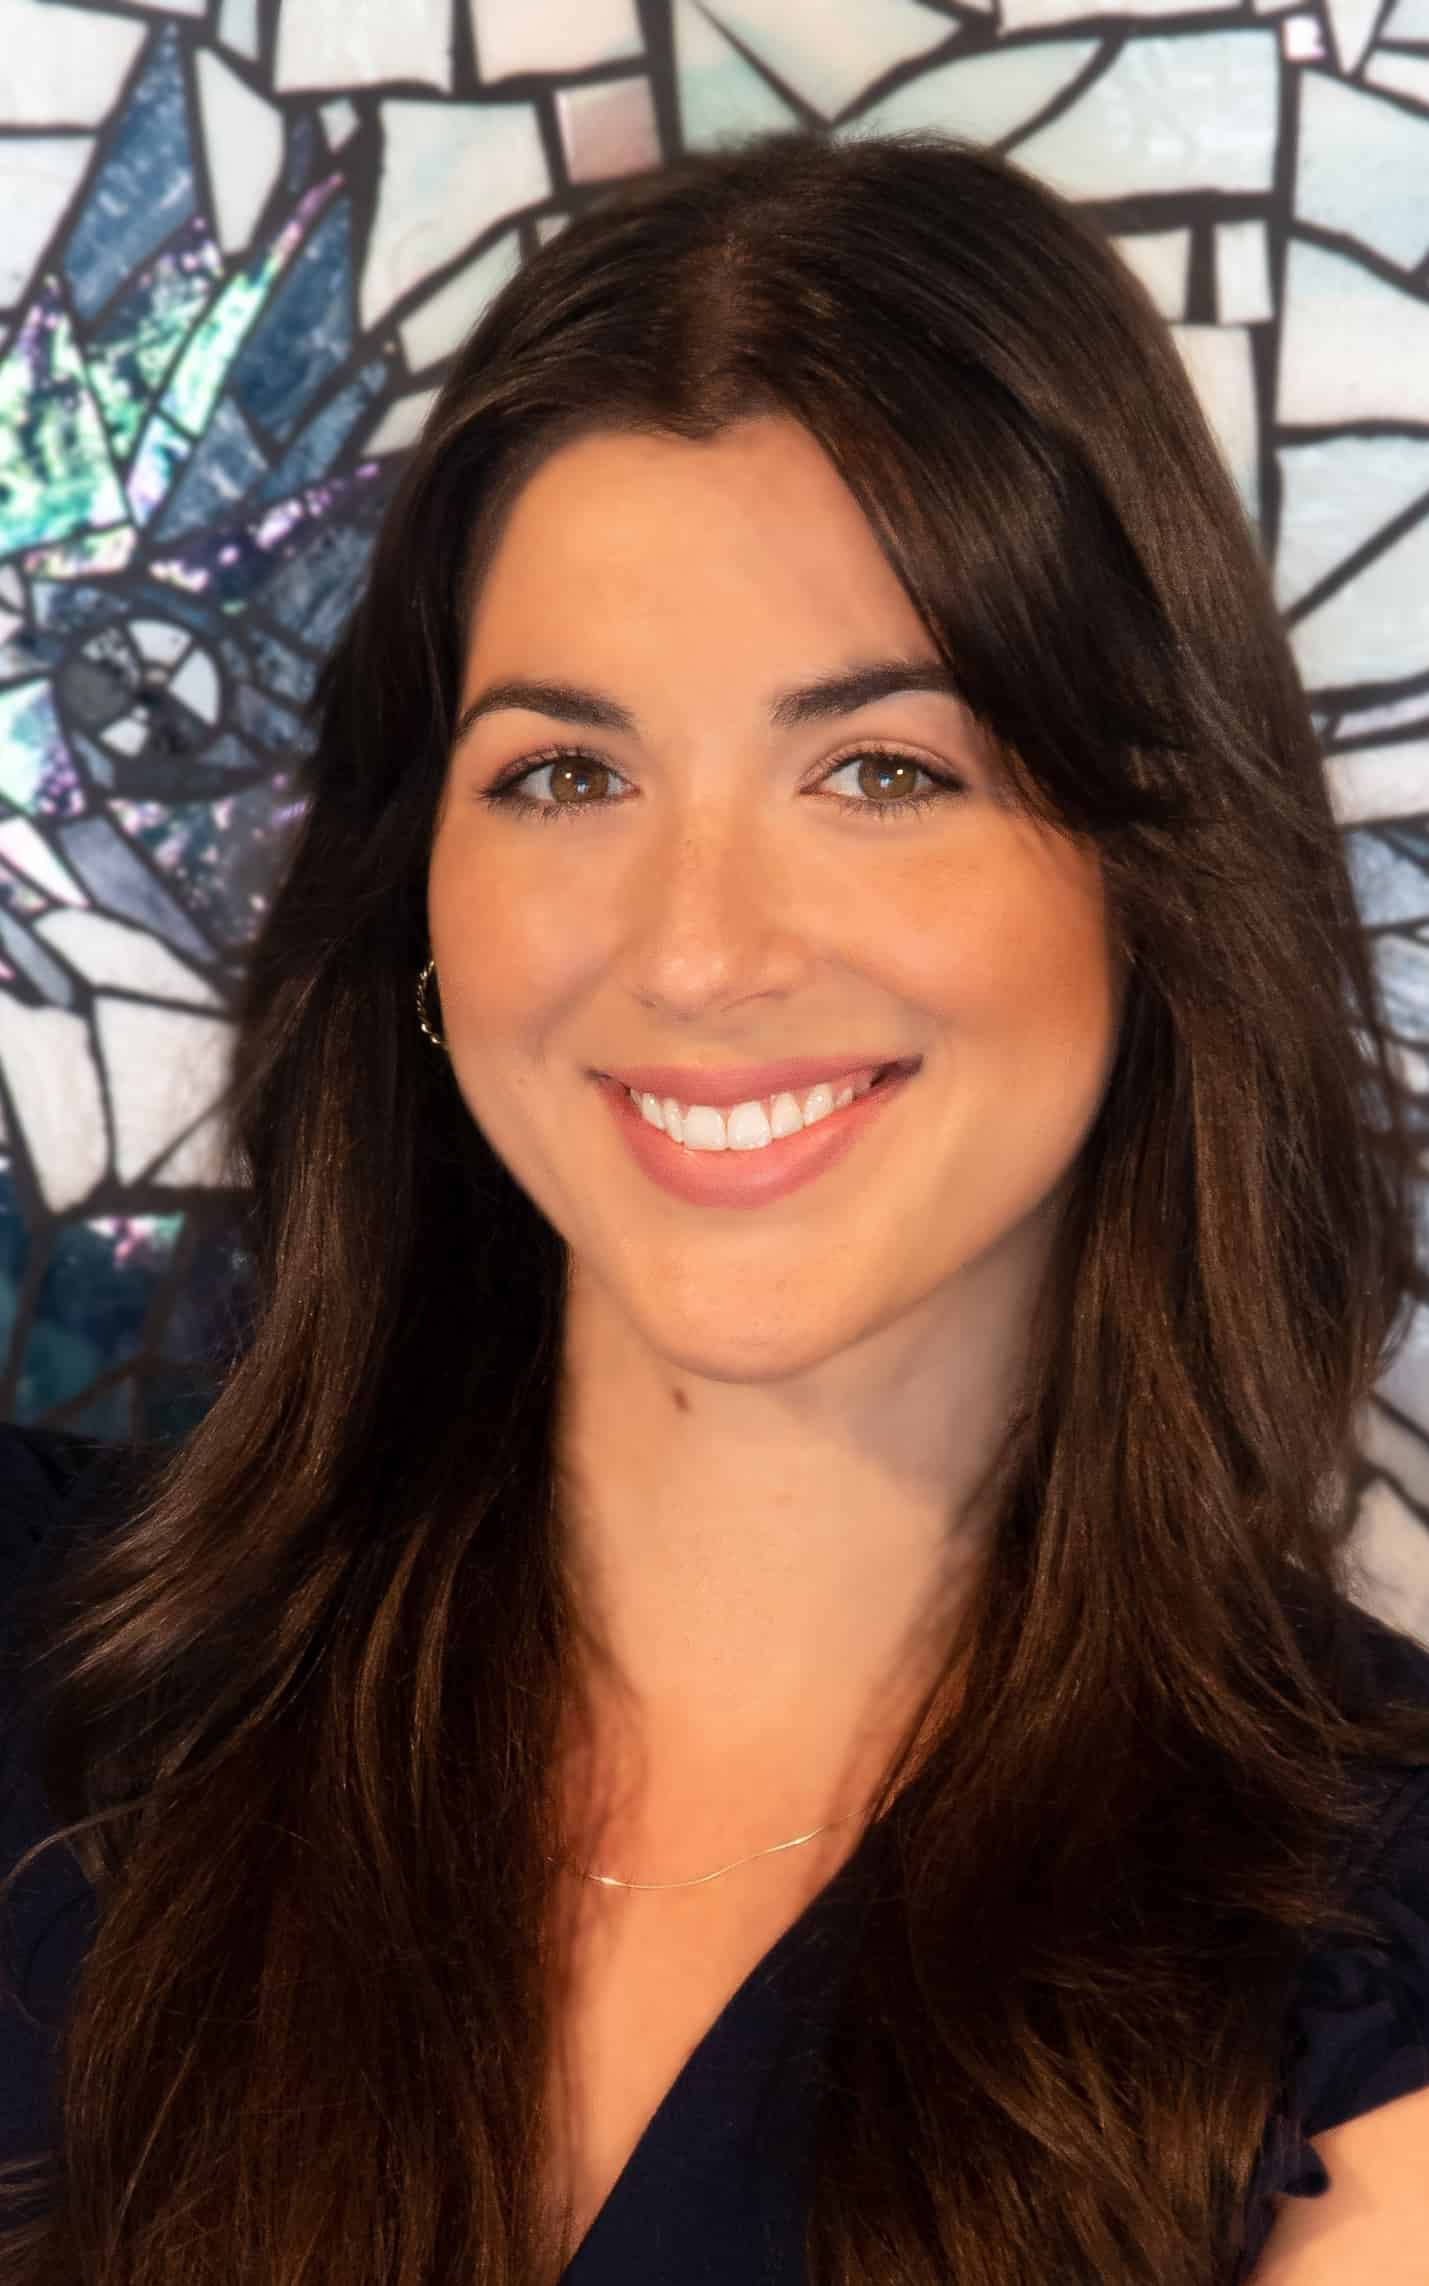 Julia Cacioppo